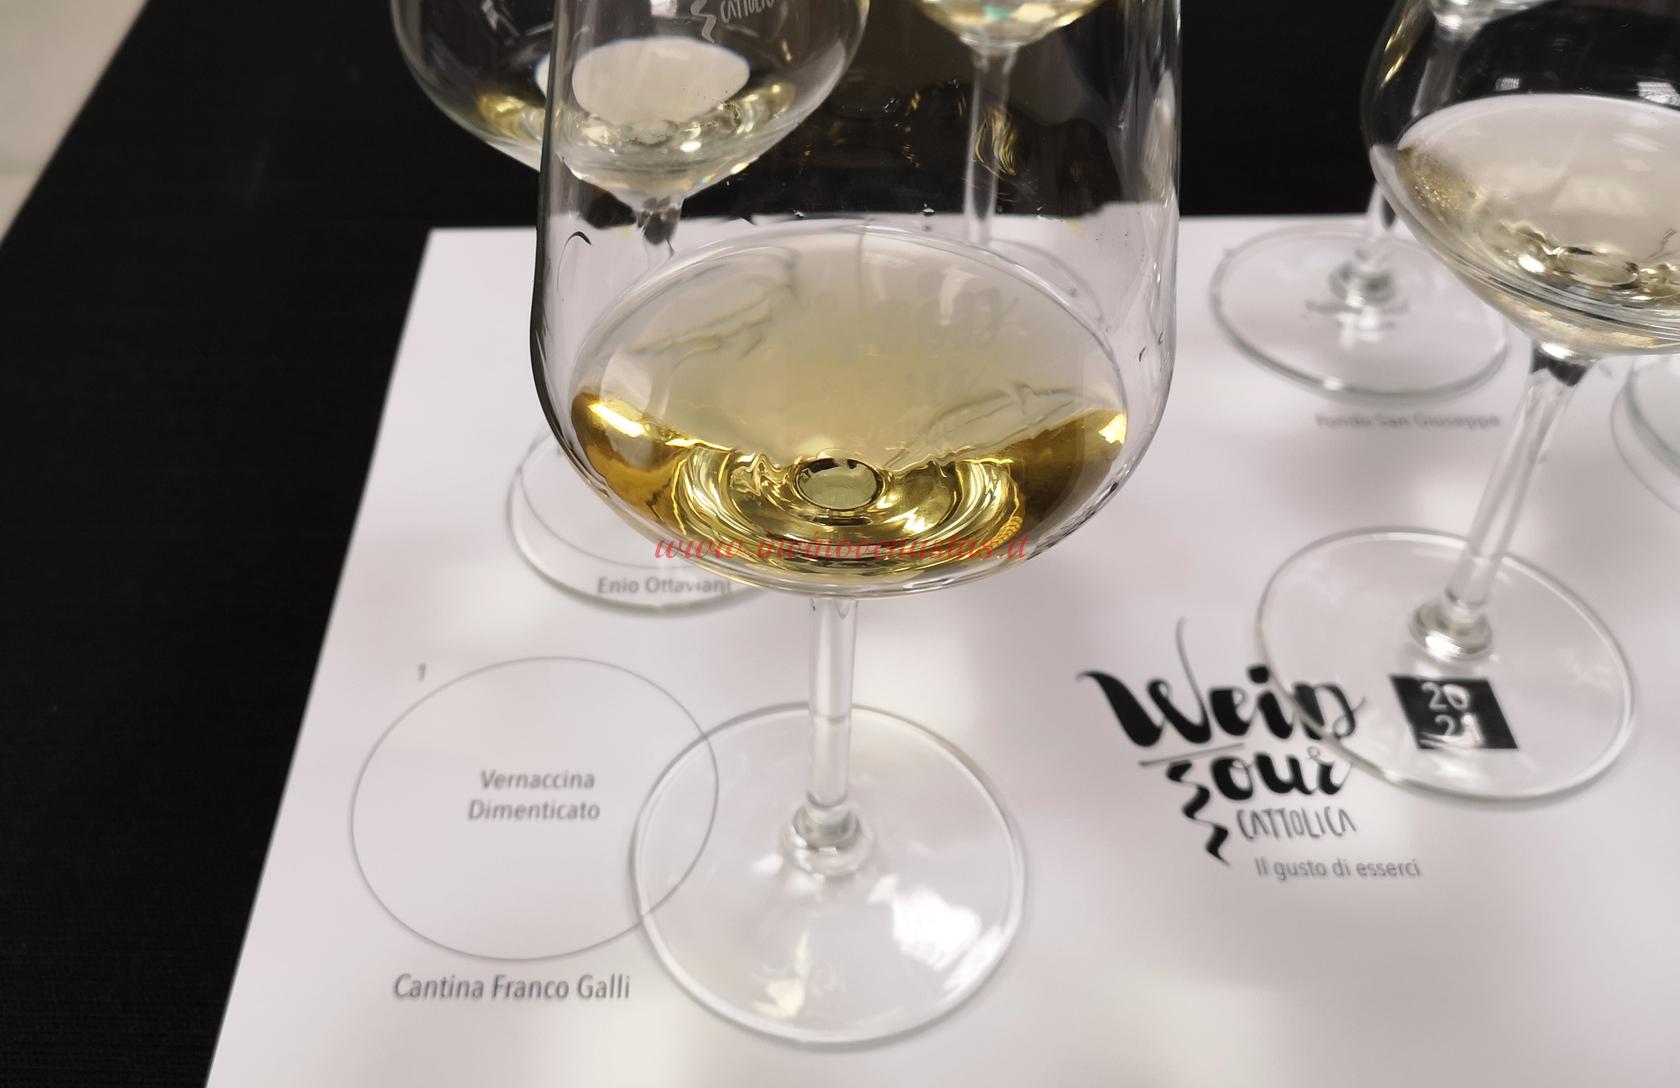 Vino bianco Dimenticato Franco Galli da Vernaccina